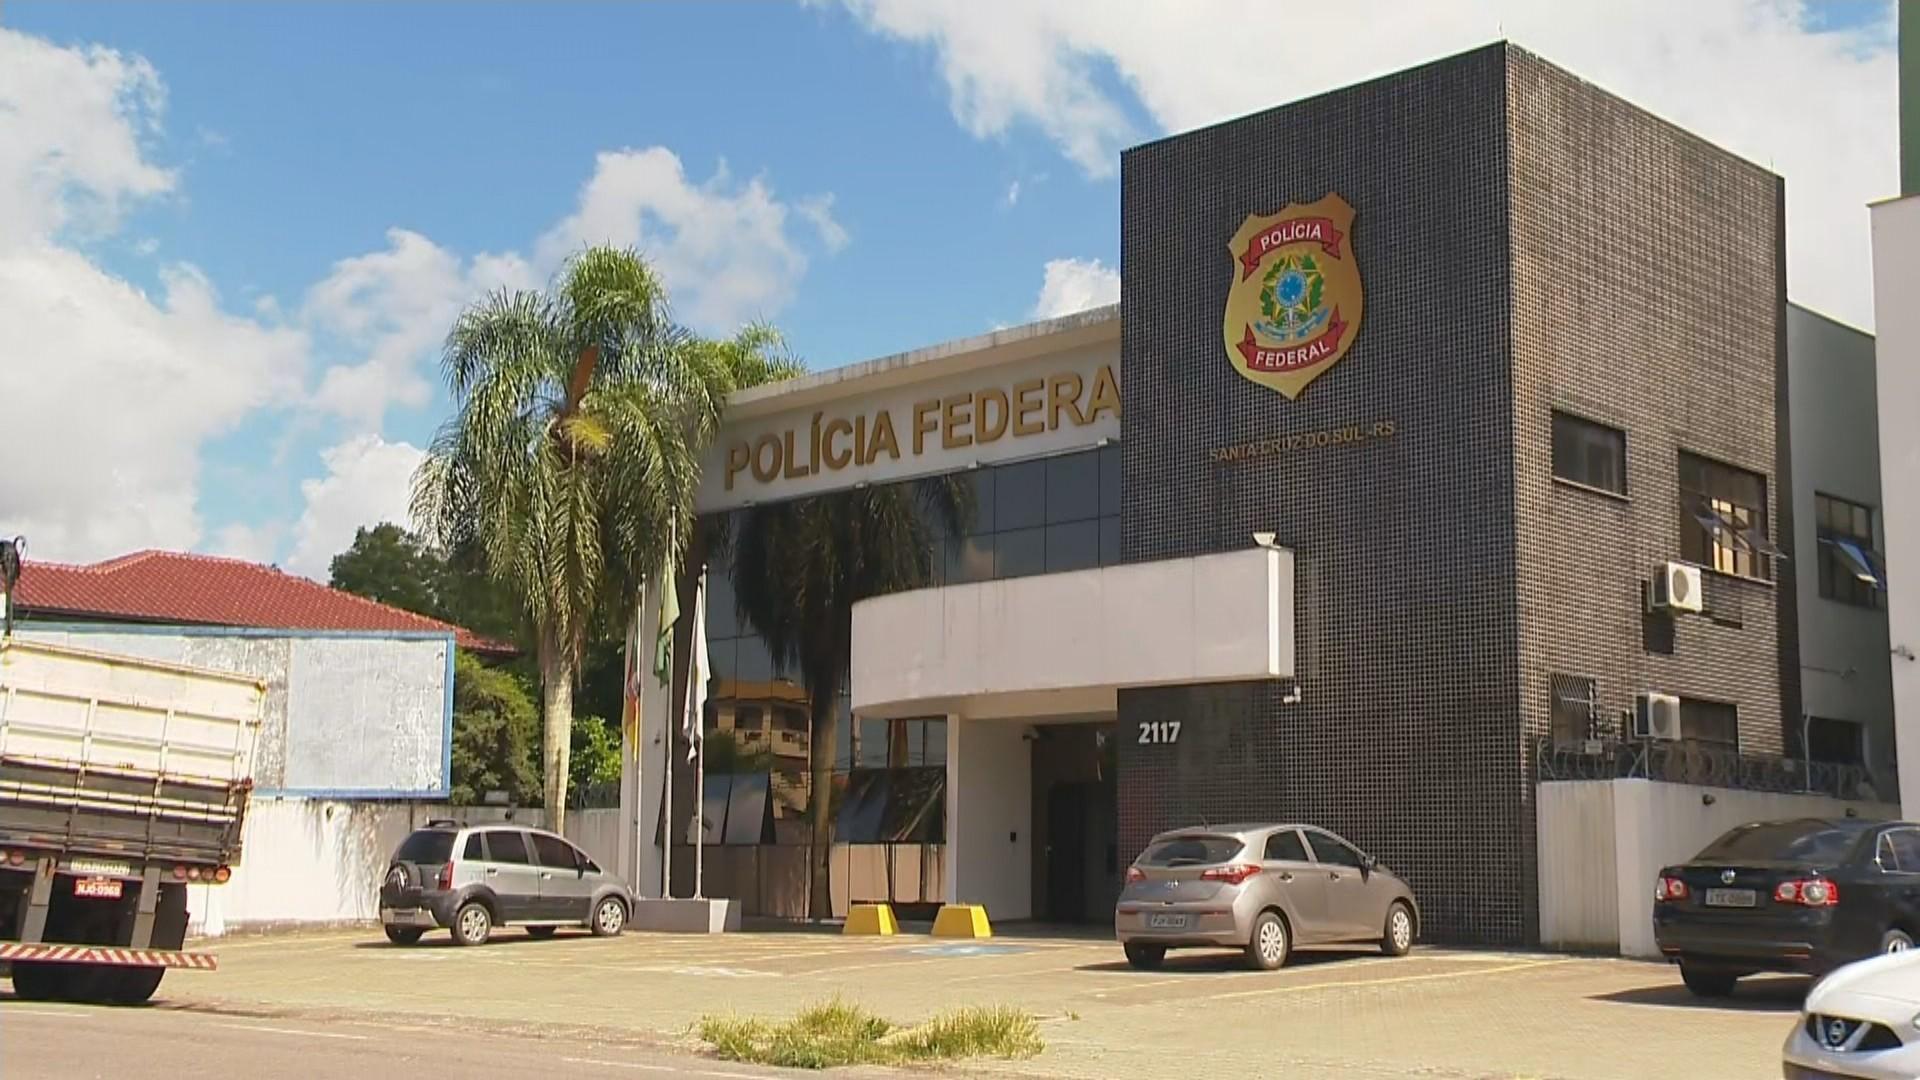 Impedidos de fazer prova do Enem, estudantes de Santa Cruz do Sul registram ocorrência na PF